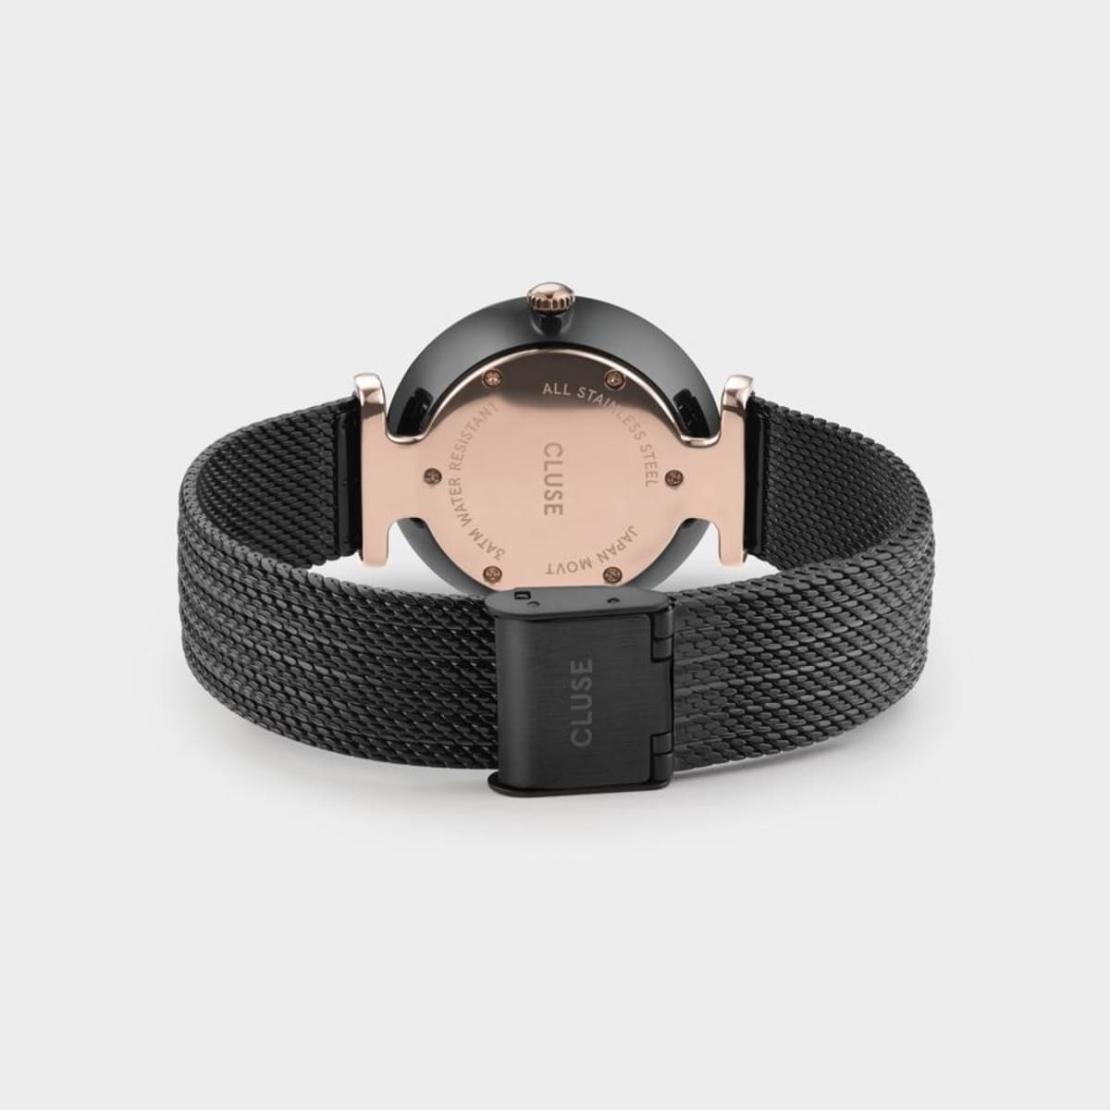 CW0101208004 שעון קלוז לאשה 33 ממ